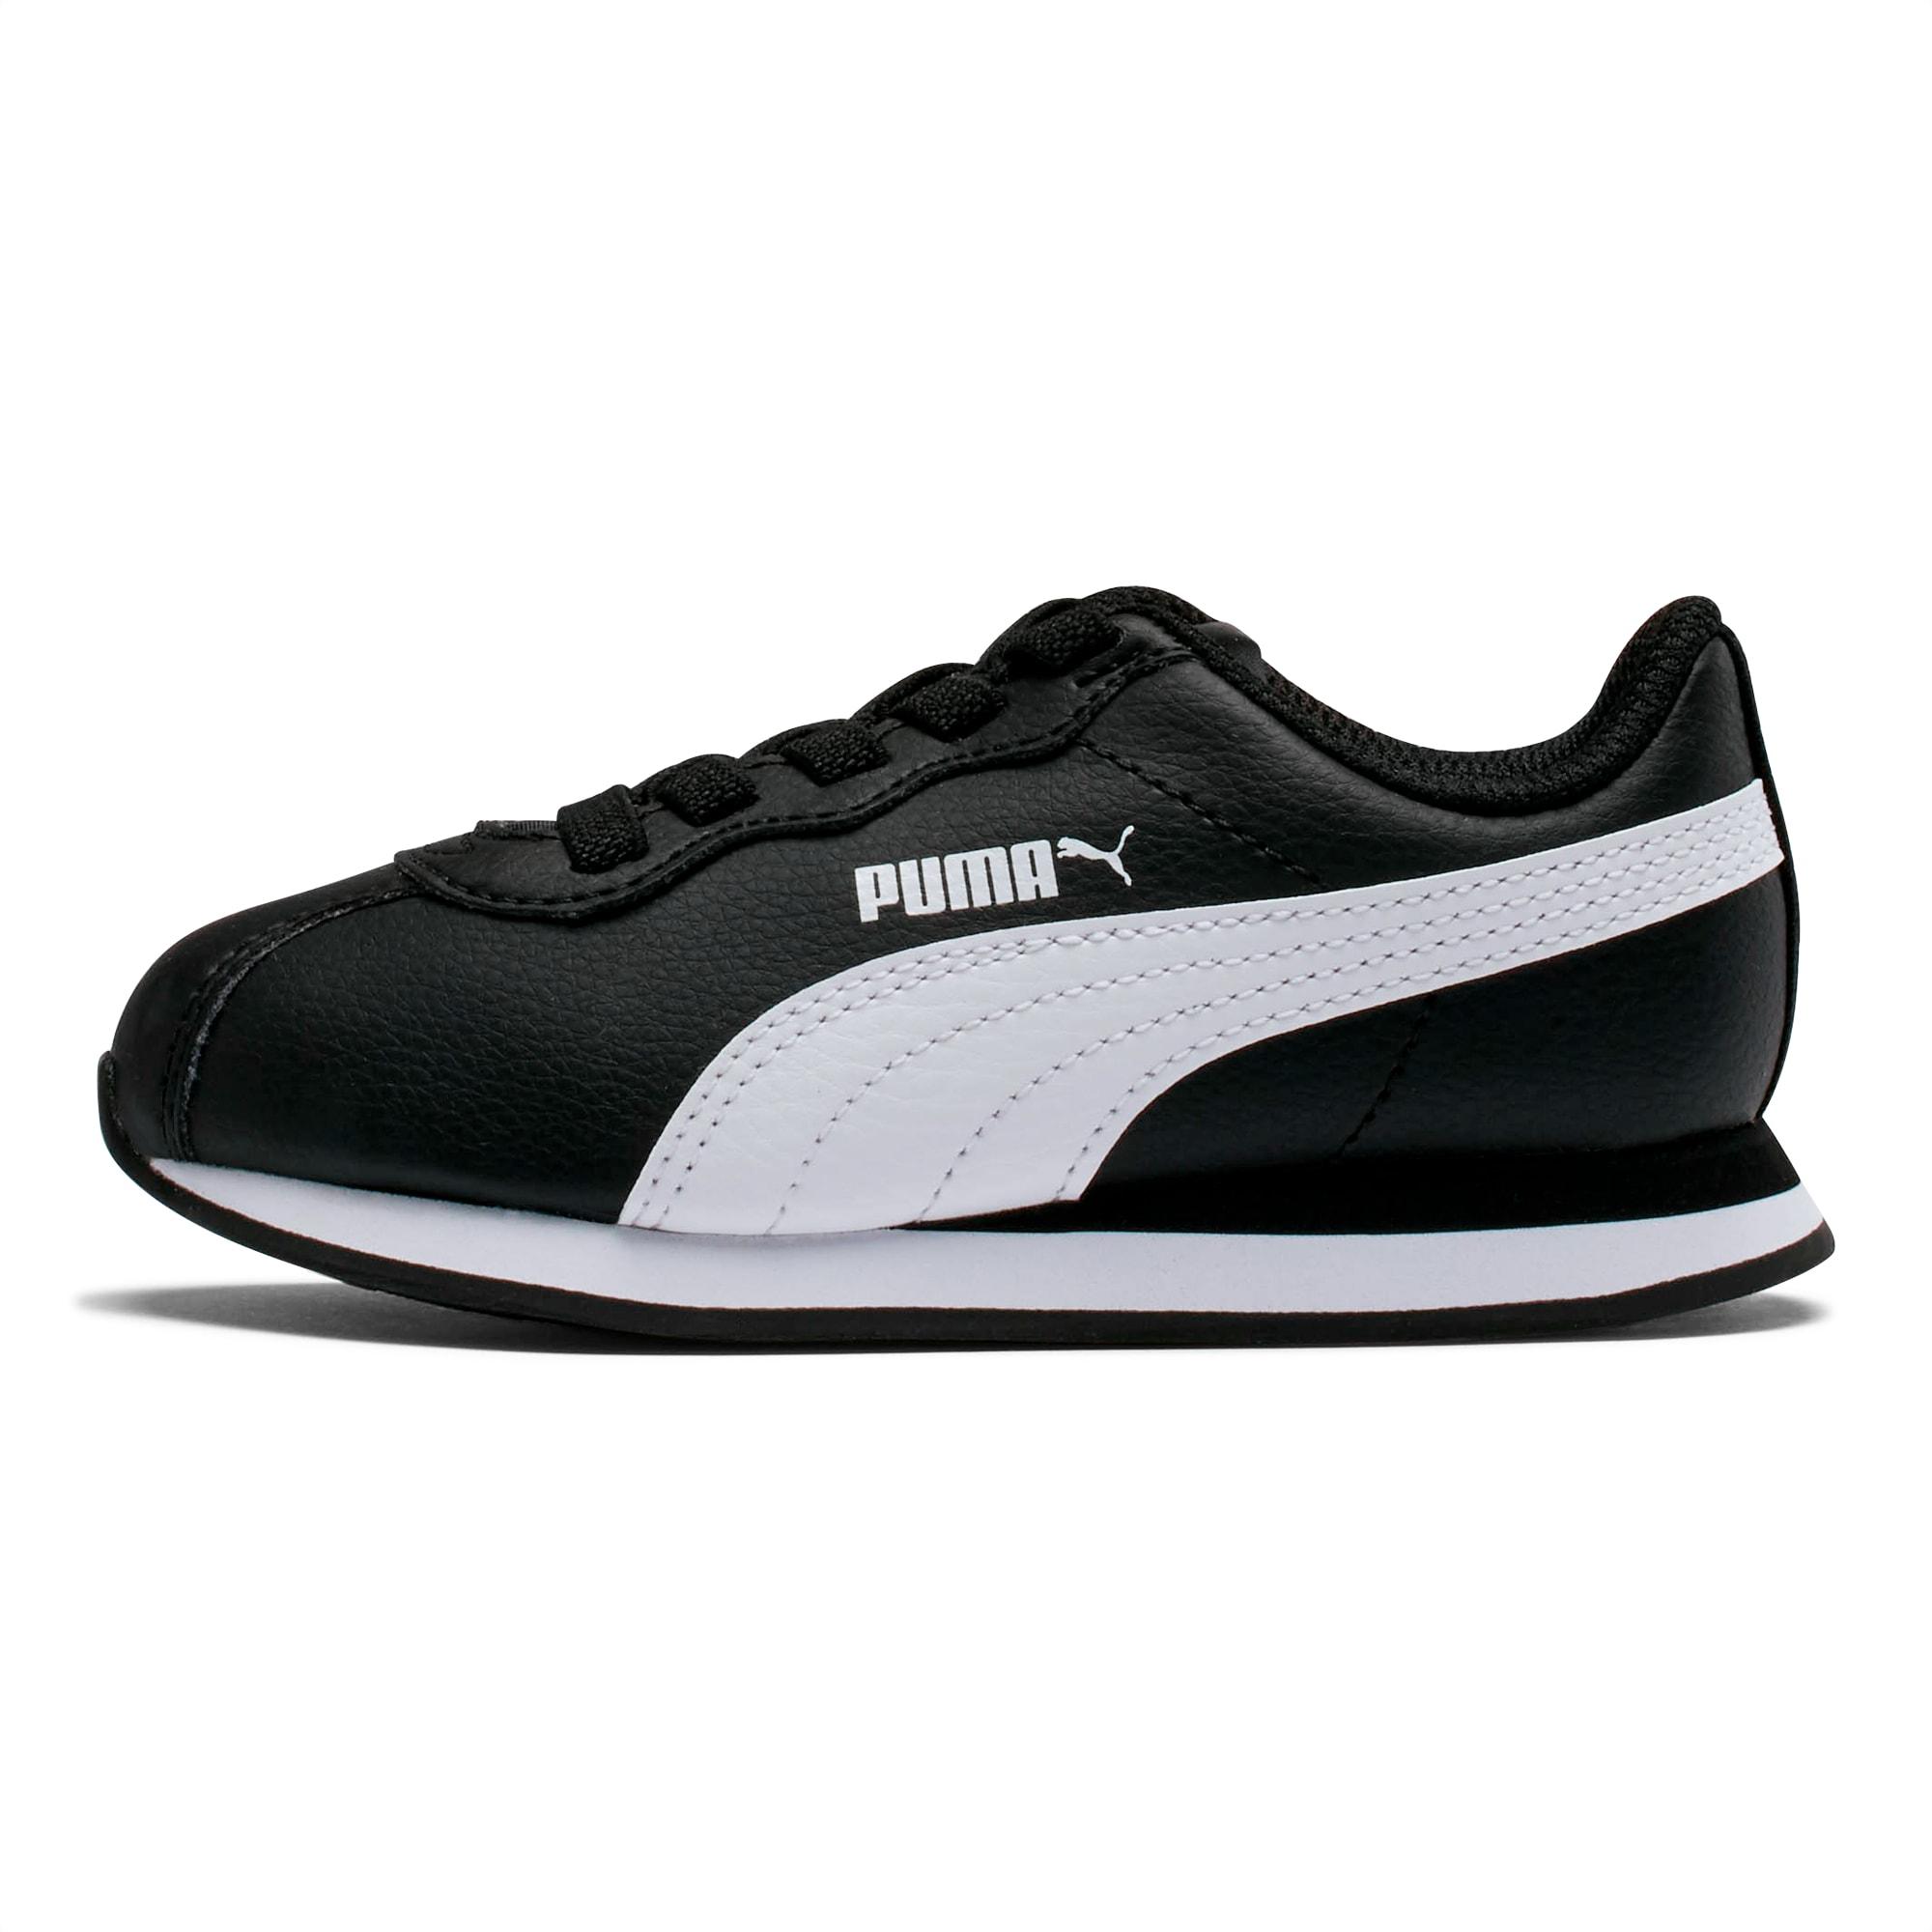 Turin II Little Kids' Shoes